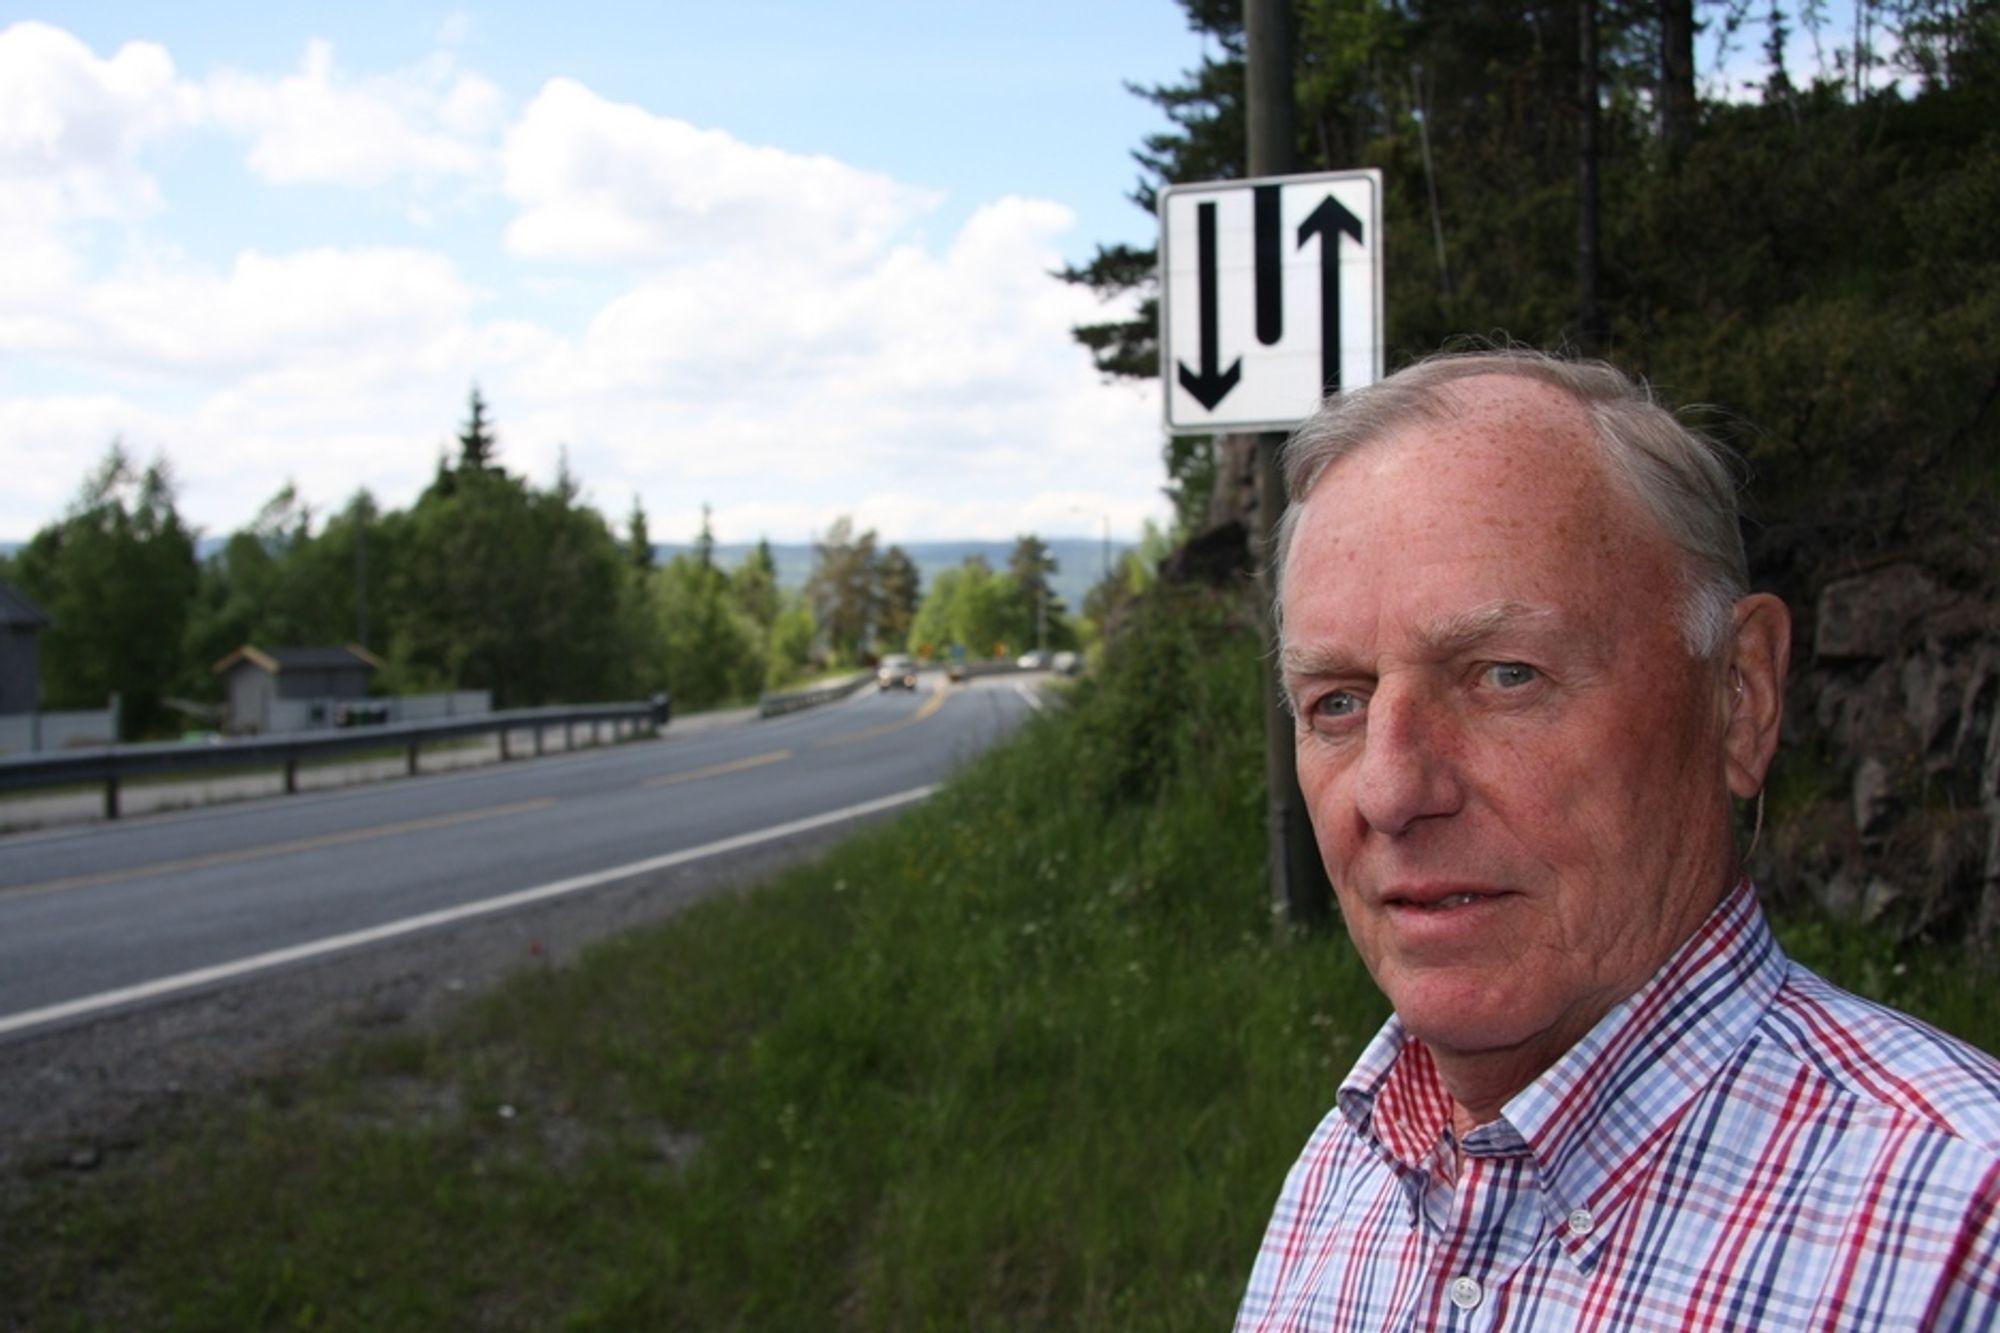 MÅ SIKRES: - Hele E39 mellom Kristiansand og Stavanger må bli møtefri, krever styreleder i Nei til Frontkollisjoner, Trygve Præsttun.